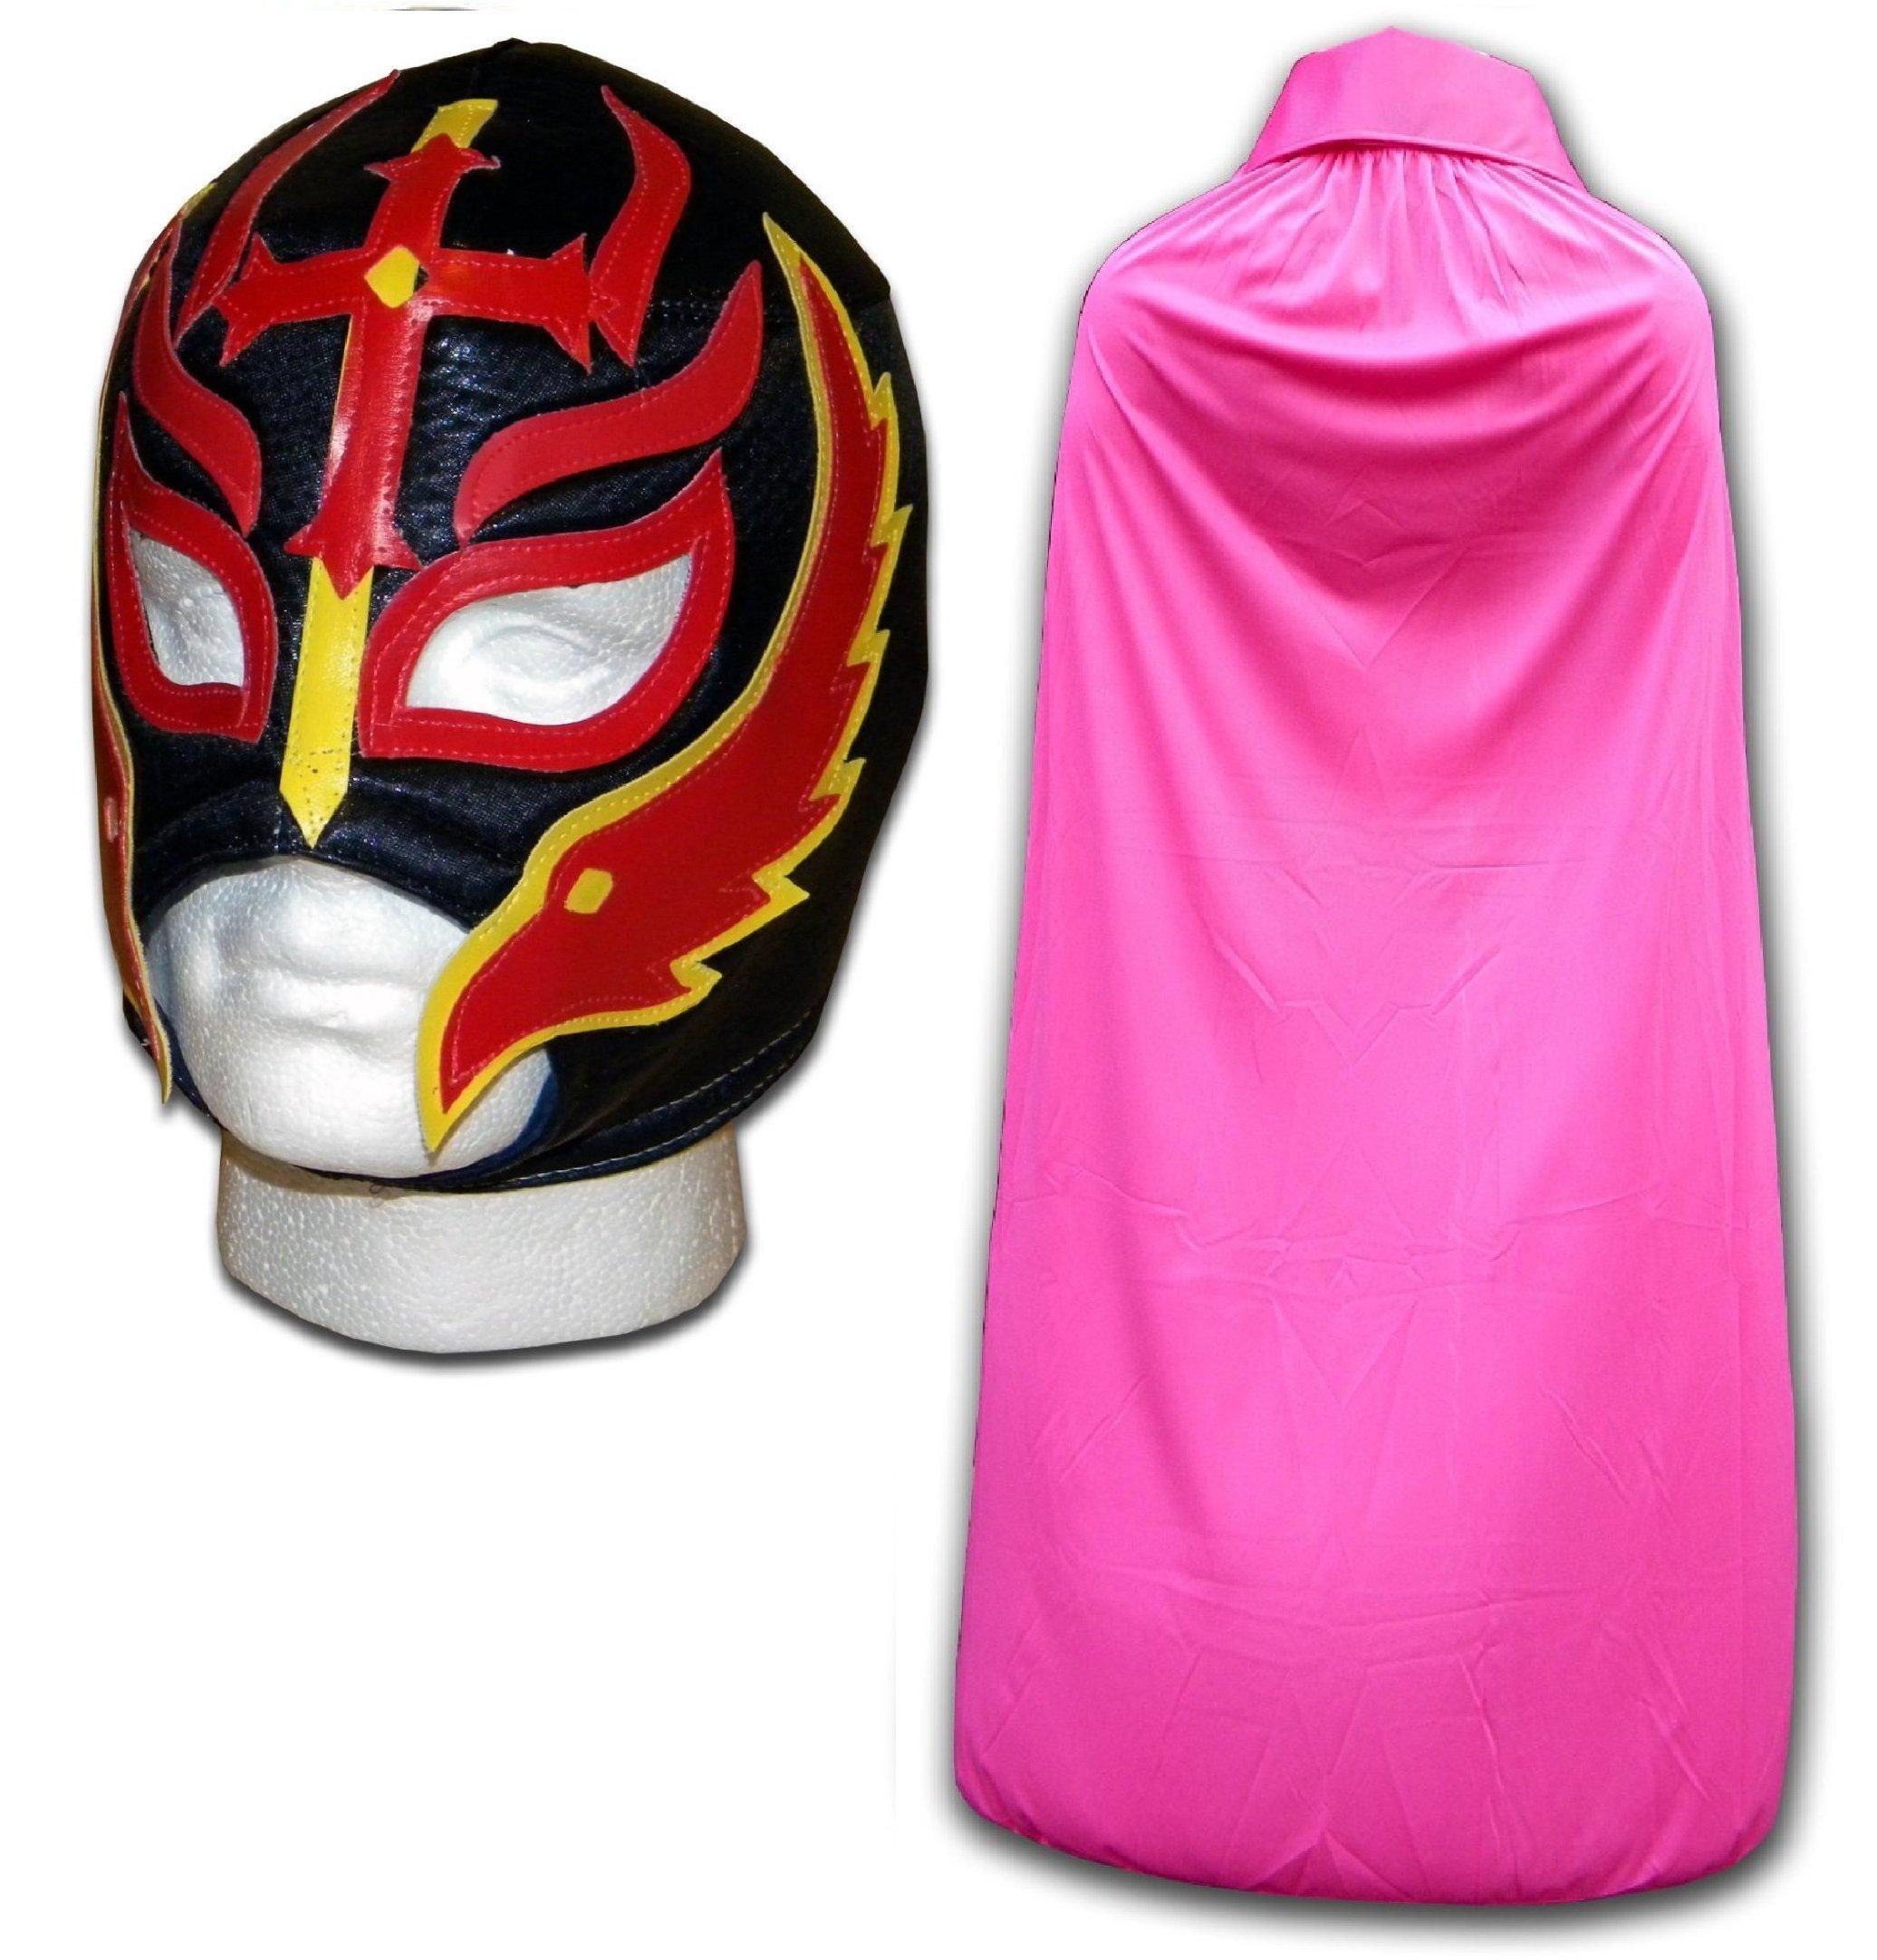 WRESTLING MASKS UK Men's Son Of The Devil Mask With Cape Luchador Wrestling Set One Size Black/ Pink